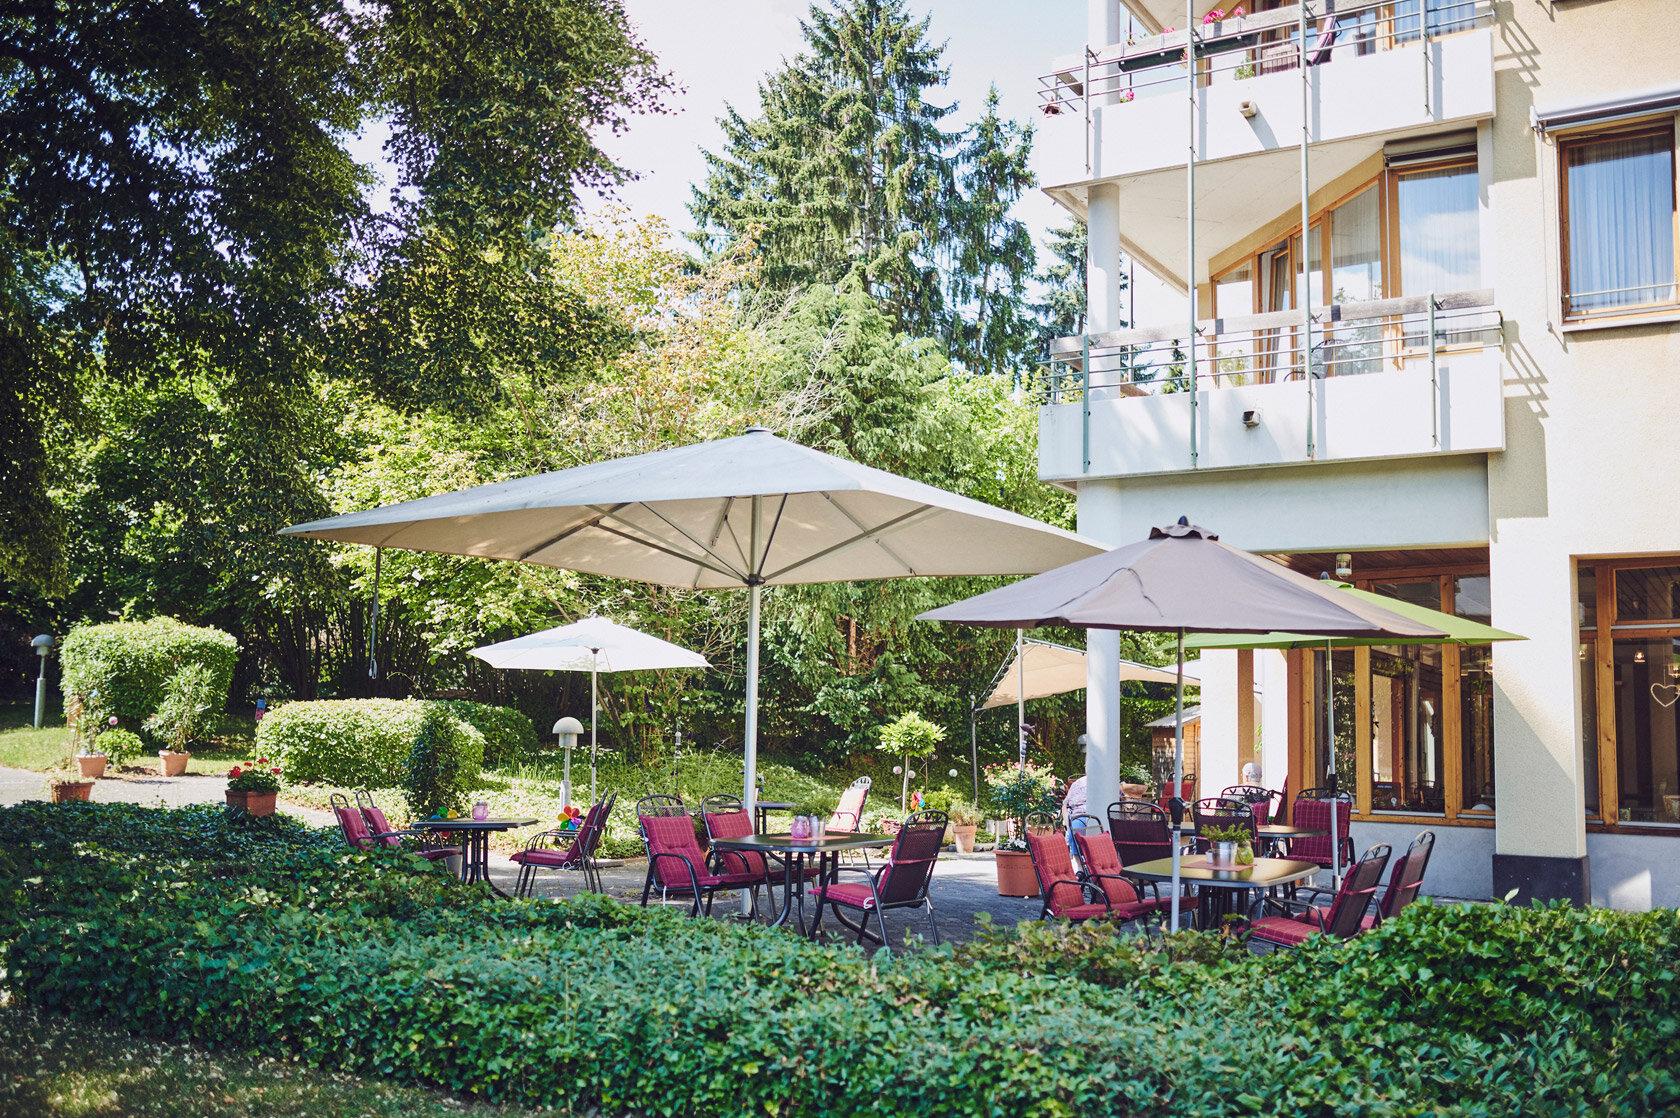 Sonnenschirme, Gartenmöbel mit roten Sitzauflagen im Außenbereich Johanniterhaus Sinzig